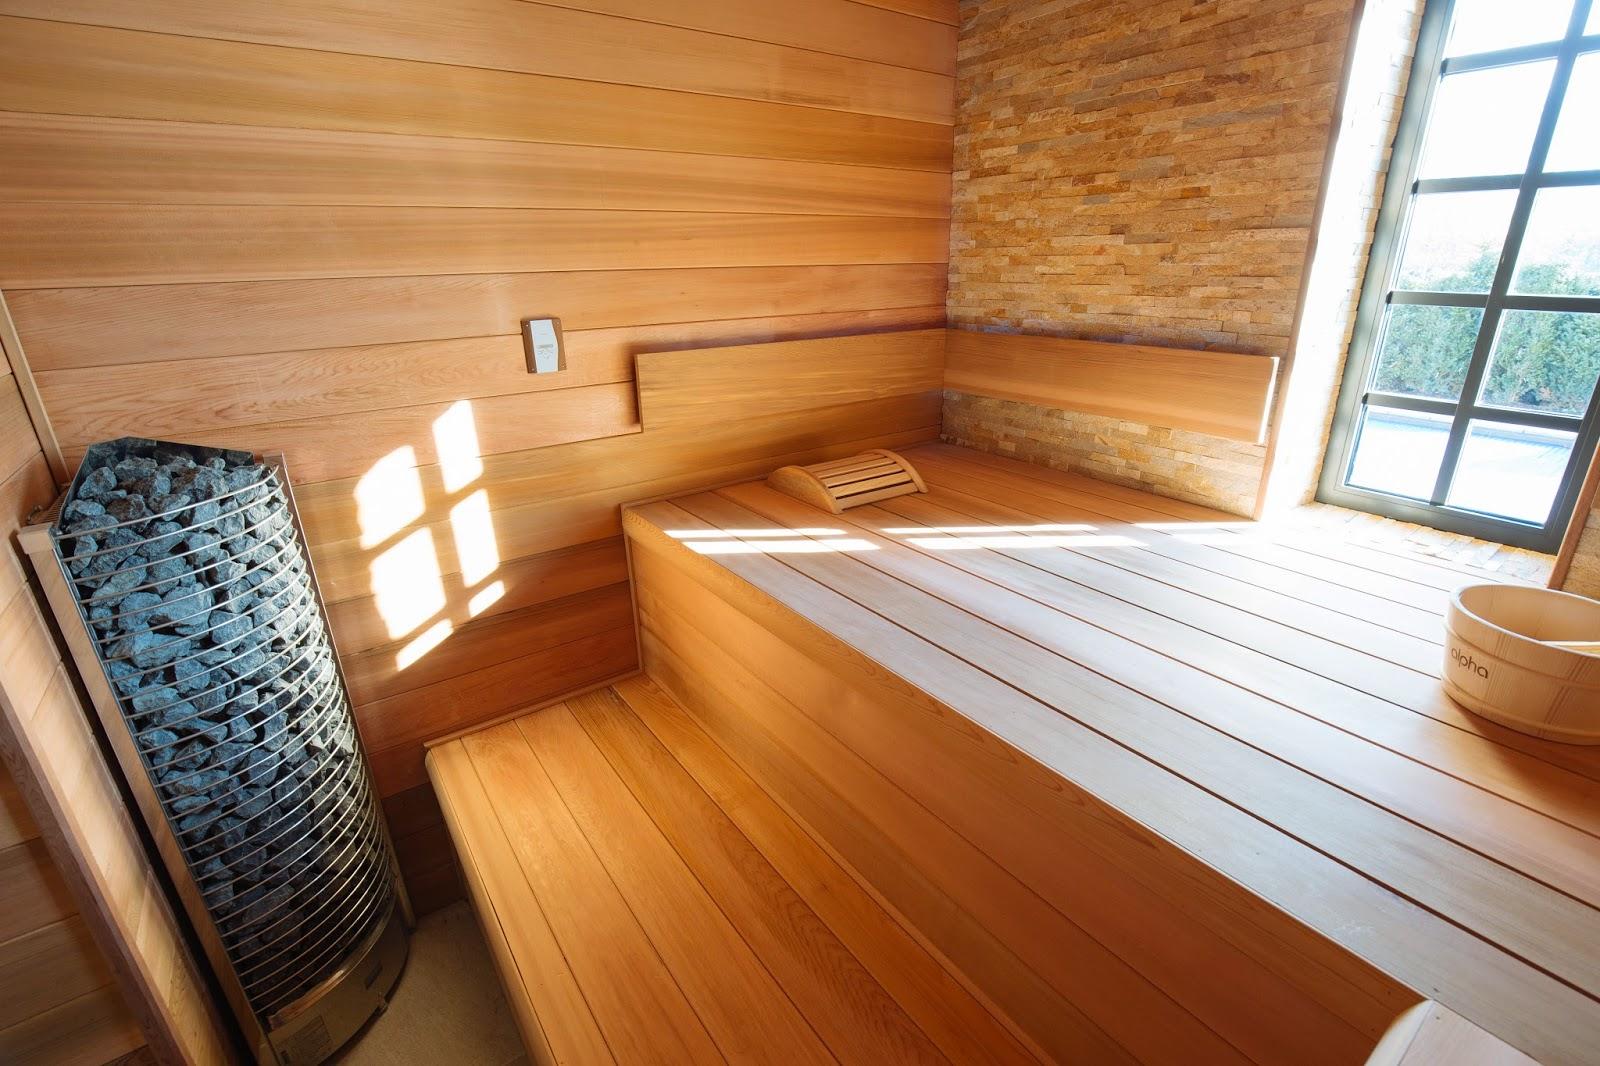 D couvrez les vertus apaisante d 39 un sauna dans votre maison avec piscine - Sauna traditionnel ou infrarouge ...